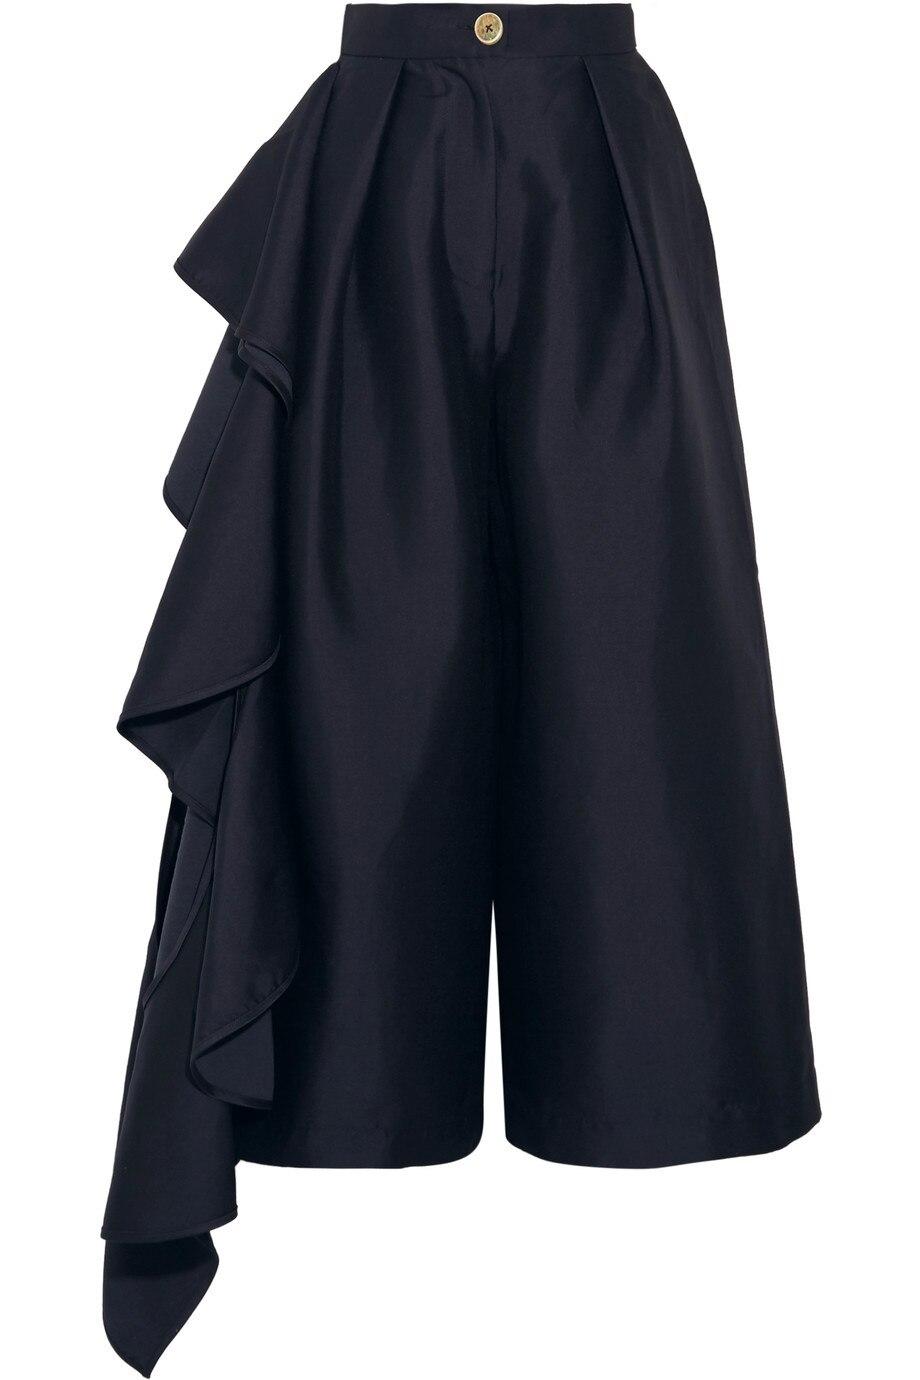 Solide Lotus Épissage Oloey2018 Feuille Blue Irrégulière Sept Femmes Large Dames Navy Points Jambe Pantalon Haute Lâche Taille De Automne Q497 YXwqRPw